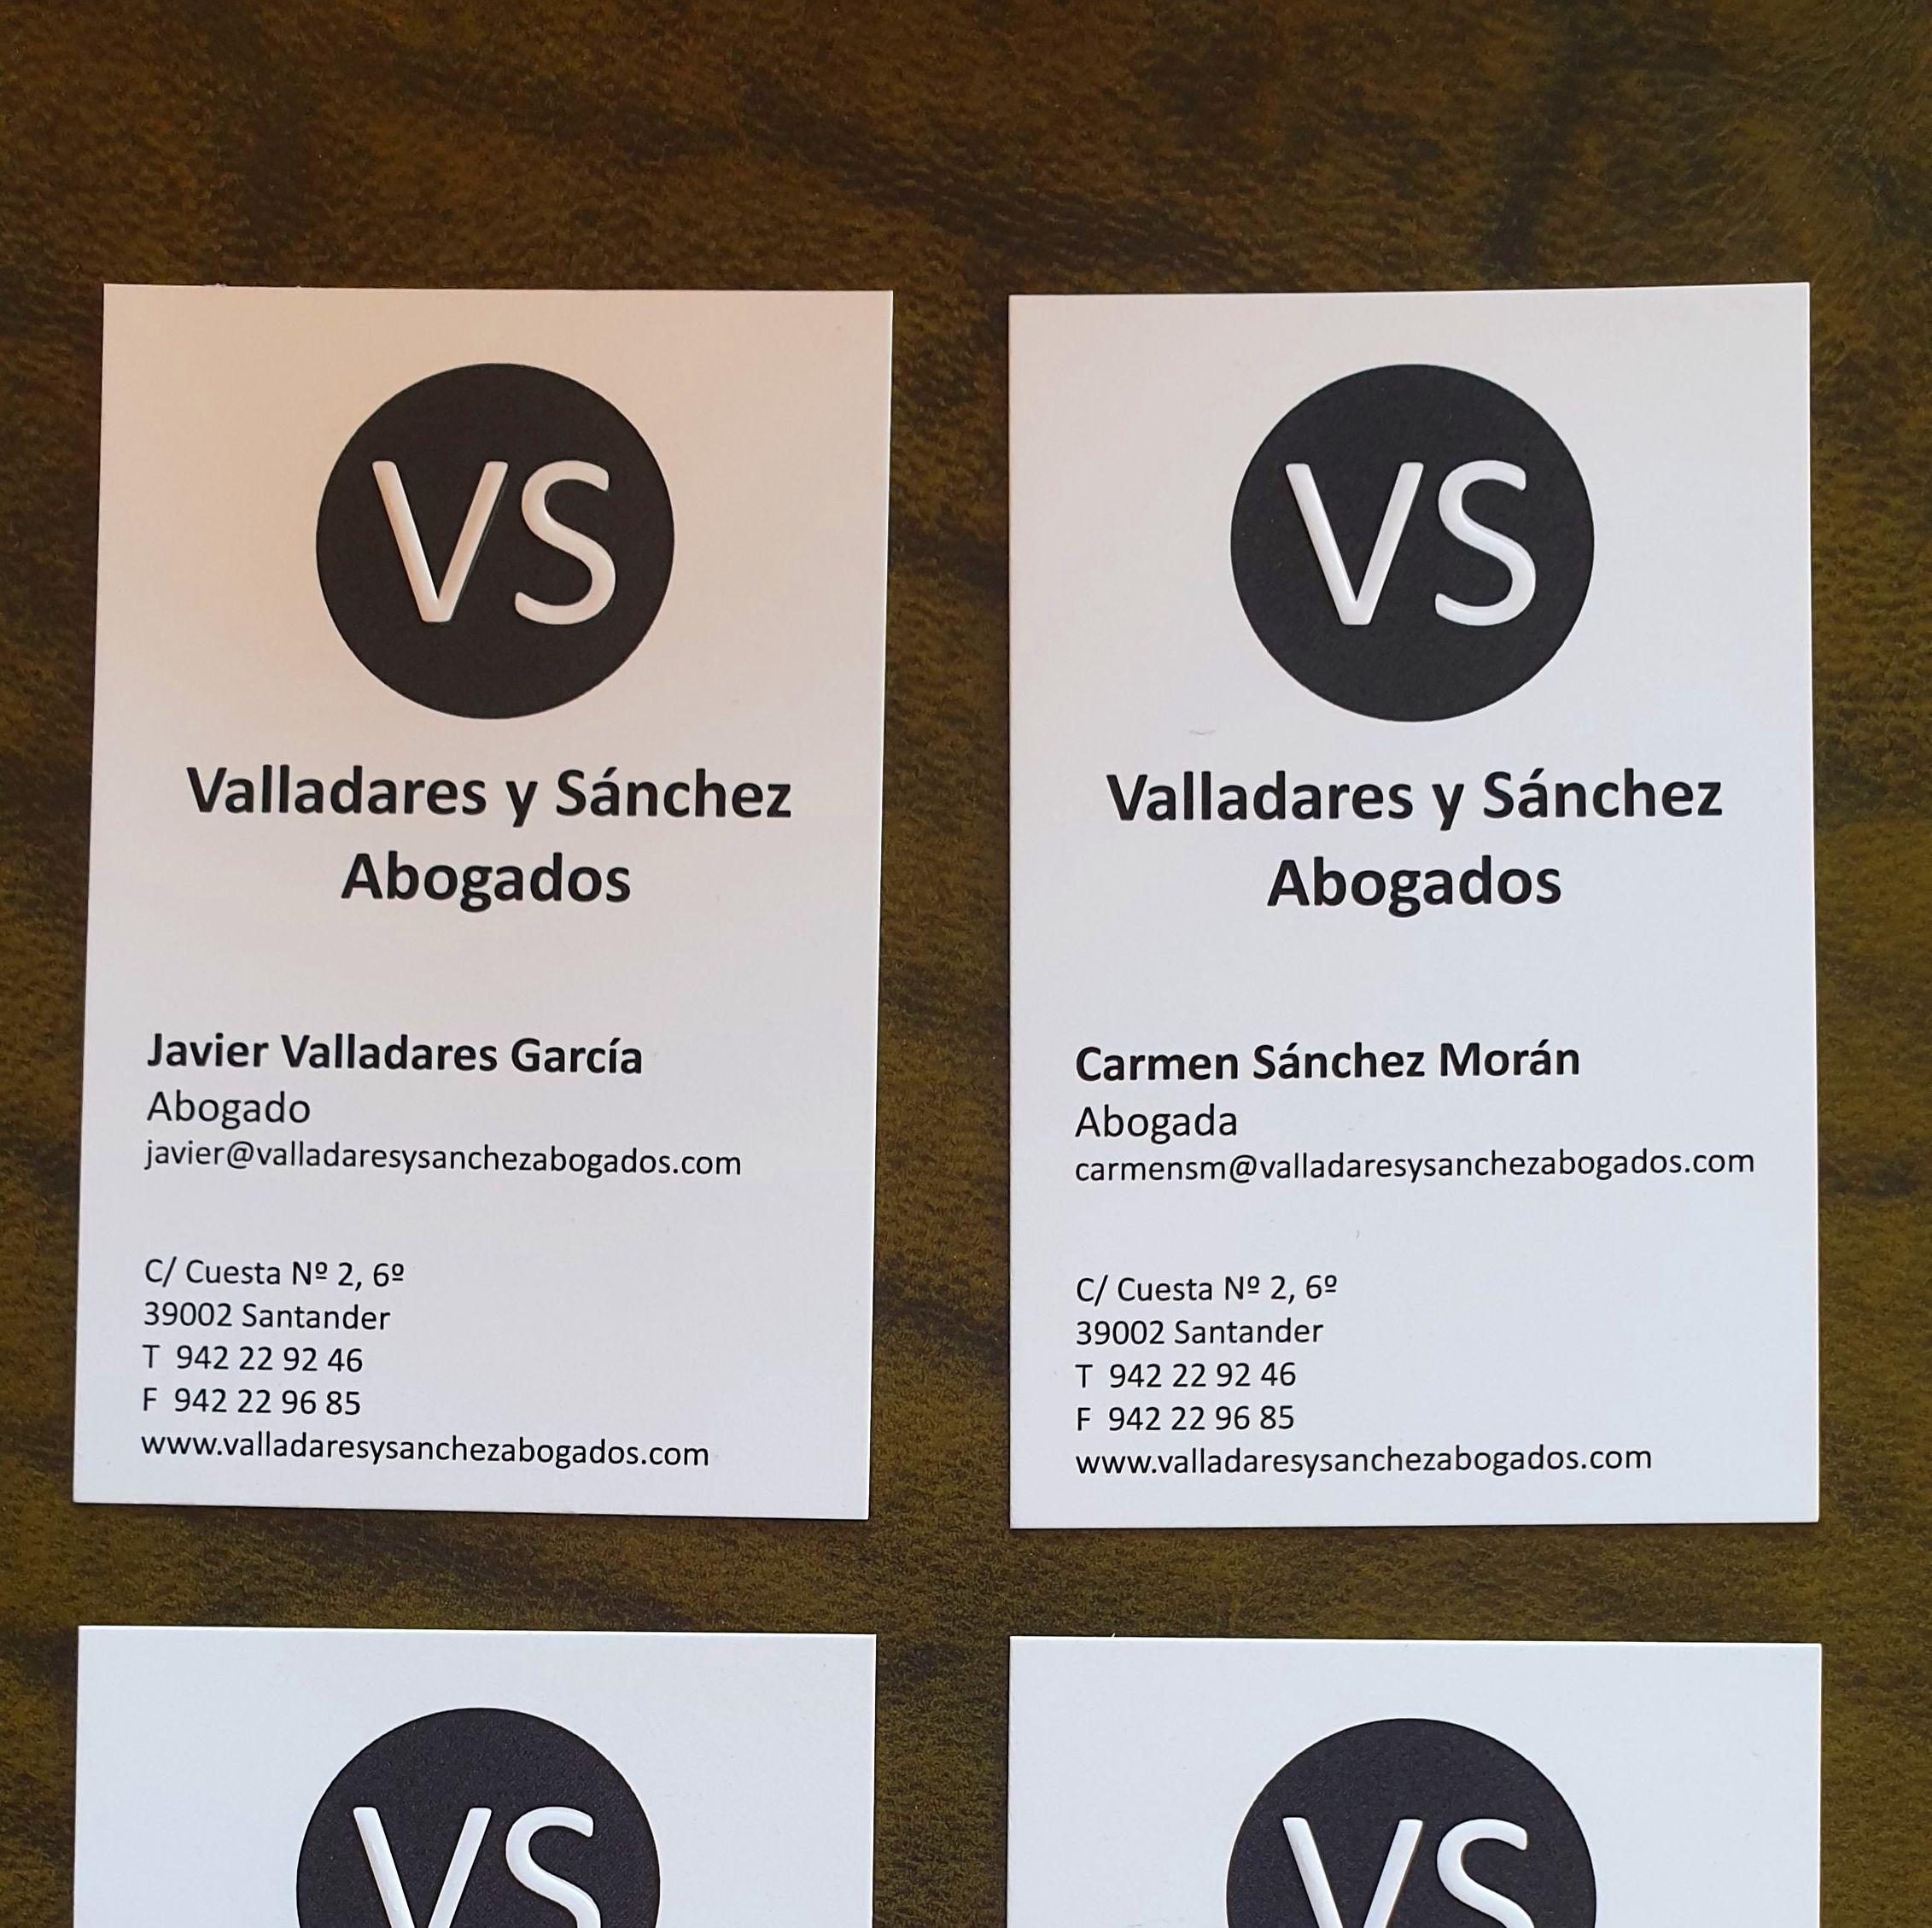 Valladares y Sánchez Abogados